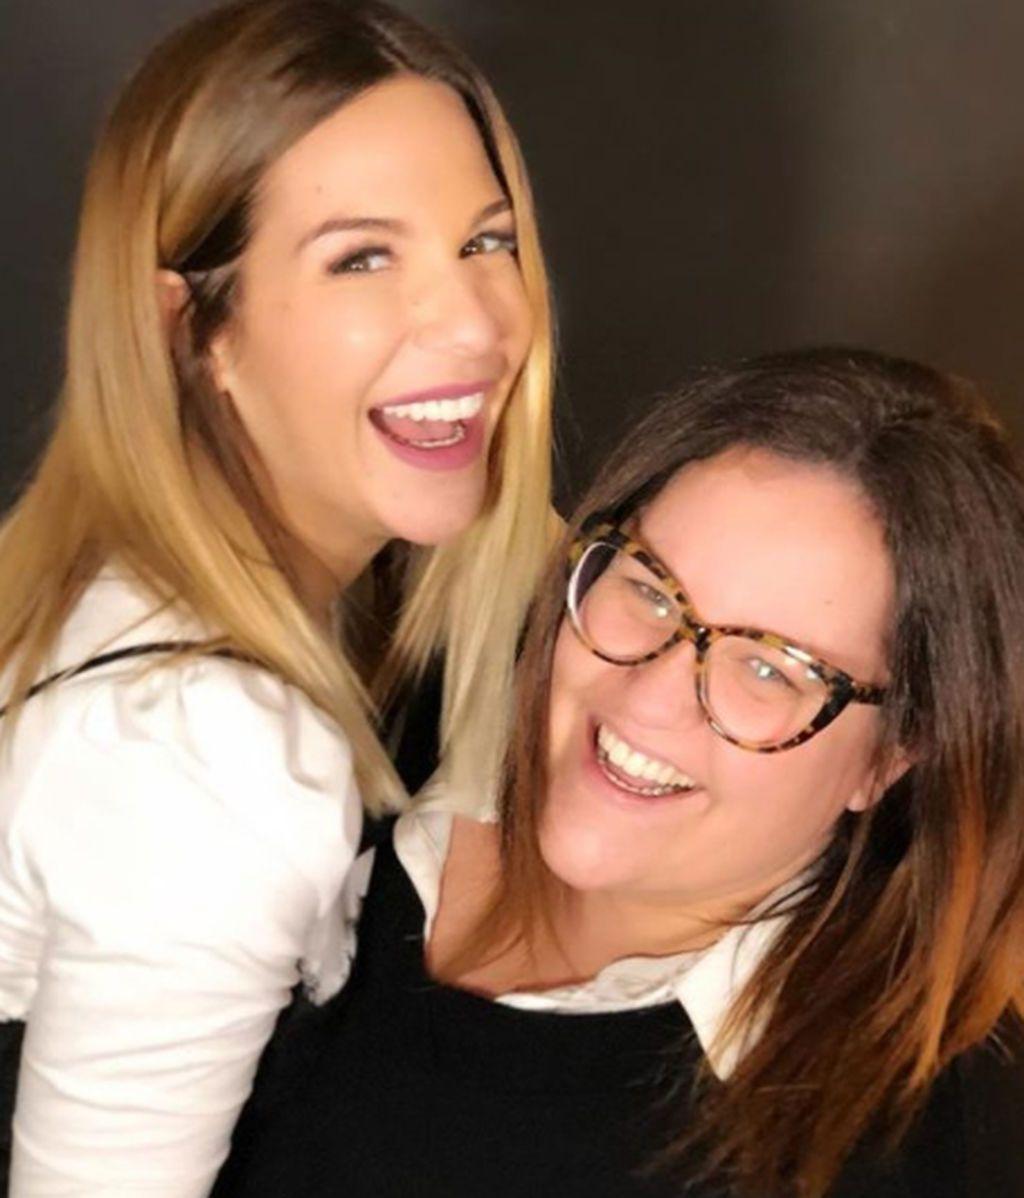 Comparten tatuajes, partos y llantos: Te presentamos a Maripi, la mejor amiga de Tamara Gorro